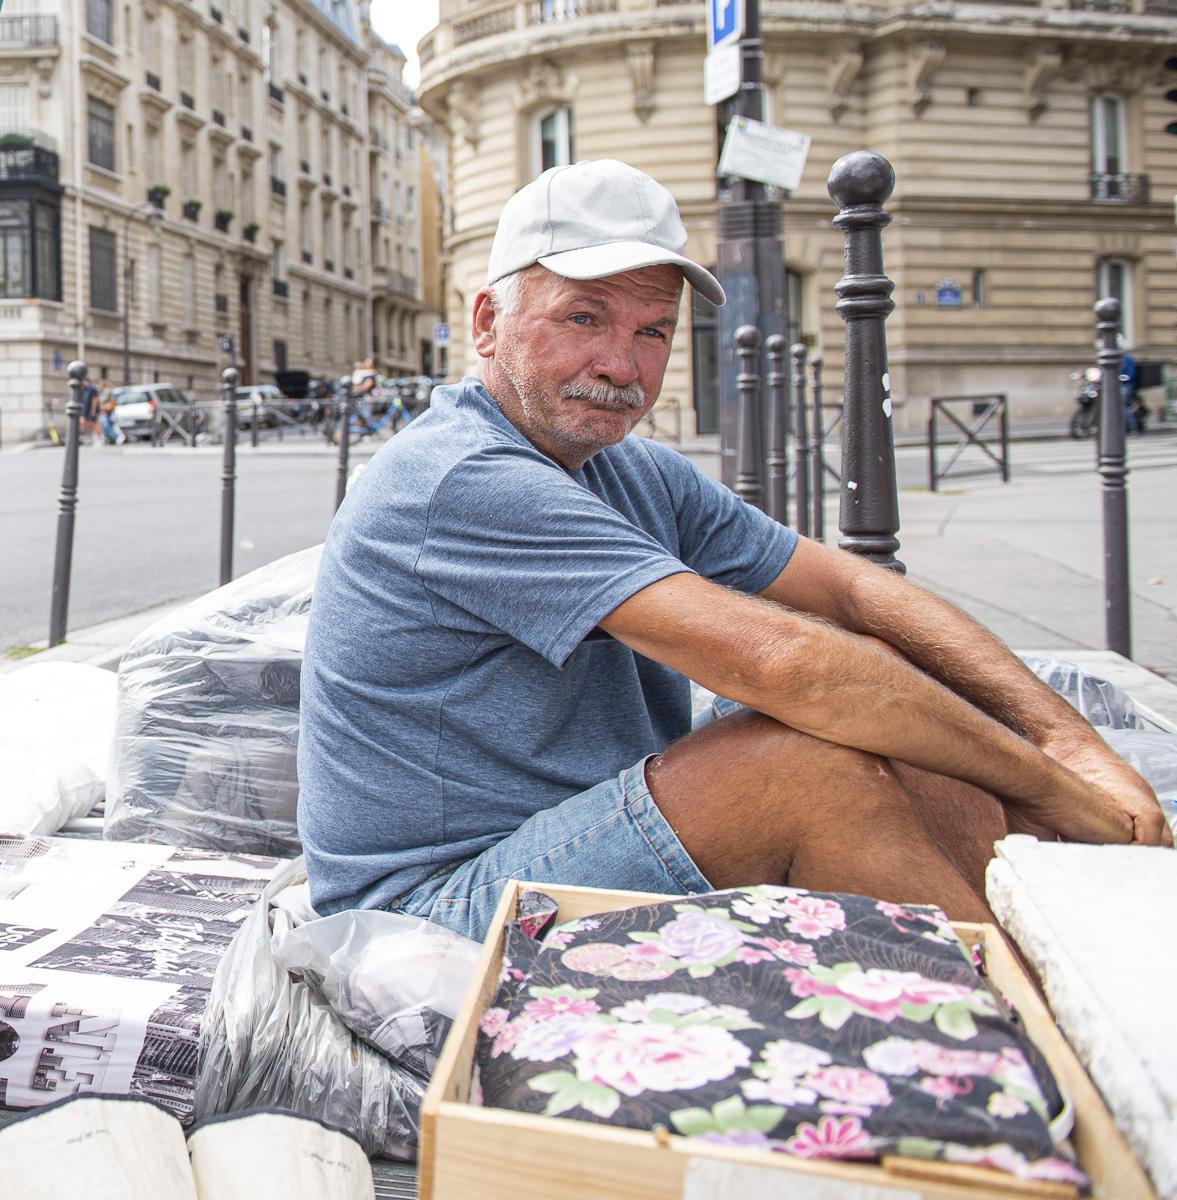 Personne sans abris assis sur un trottoir